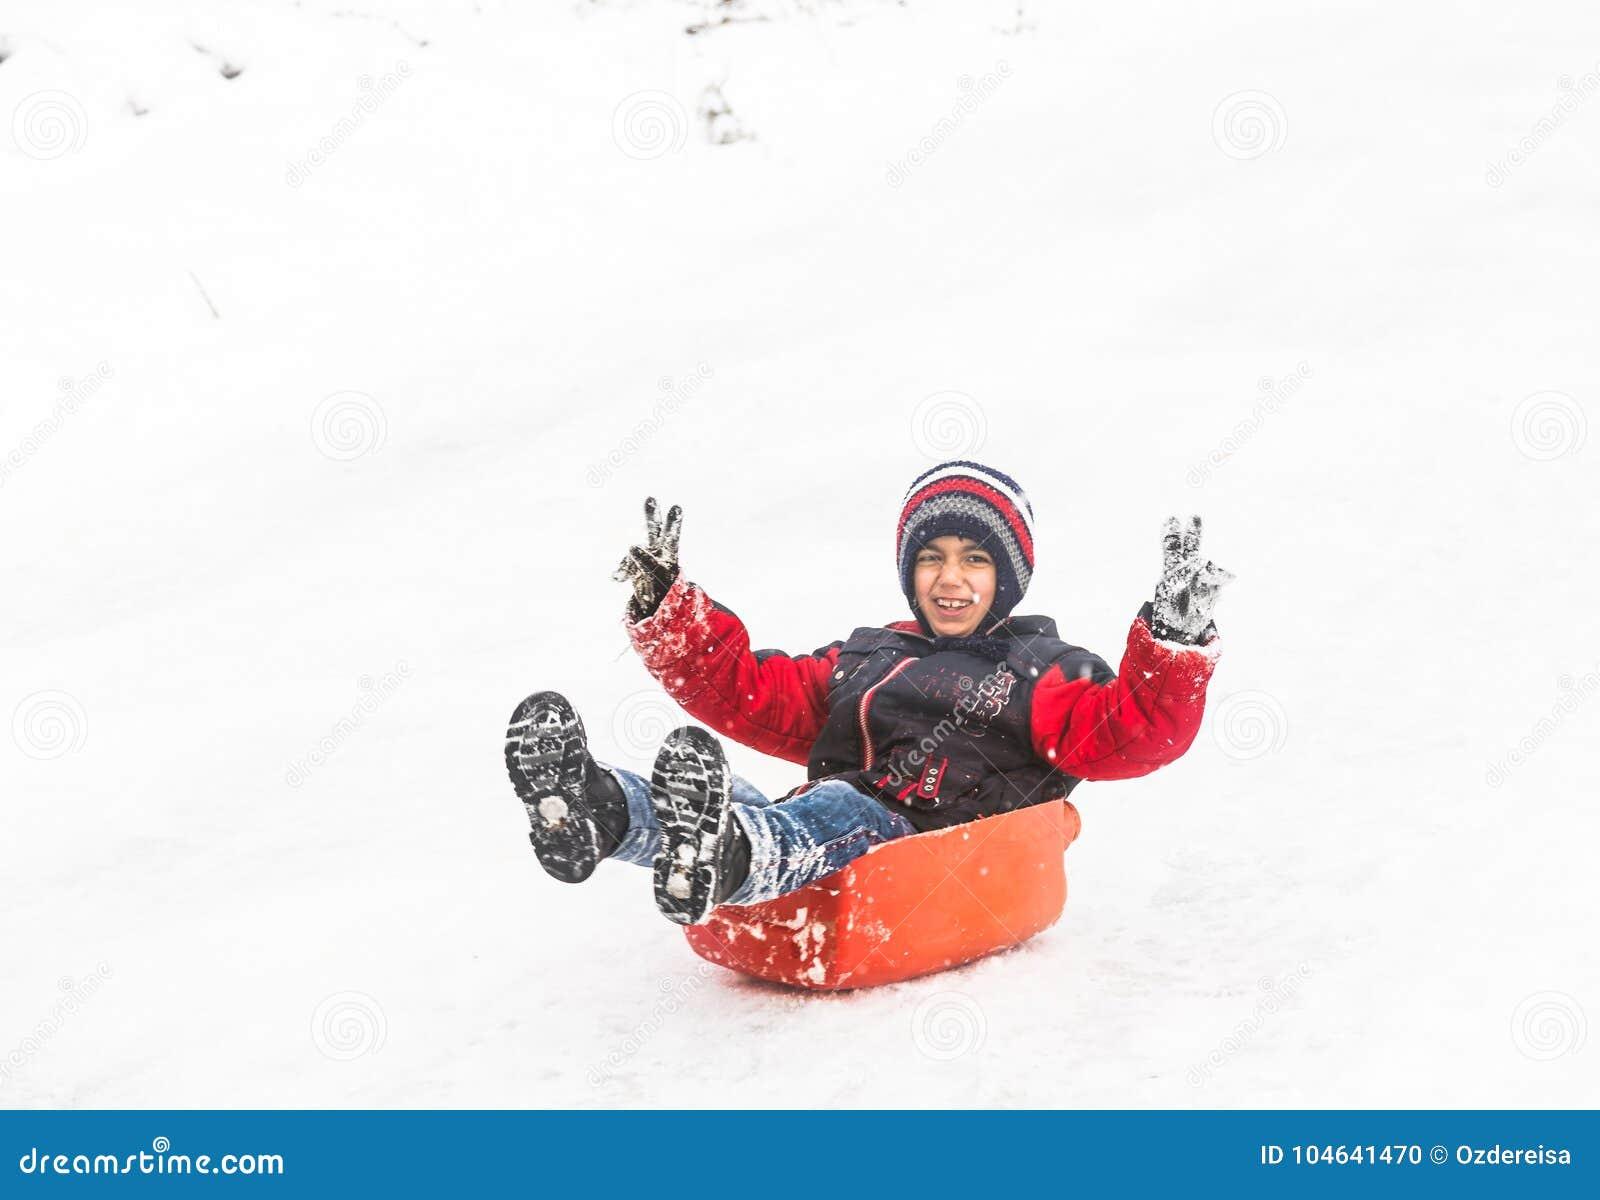 De kinderen glijden op sneeuw met plastic doos in Istanboel